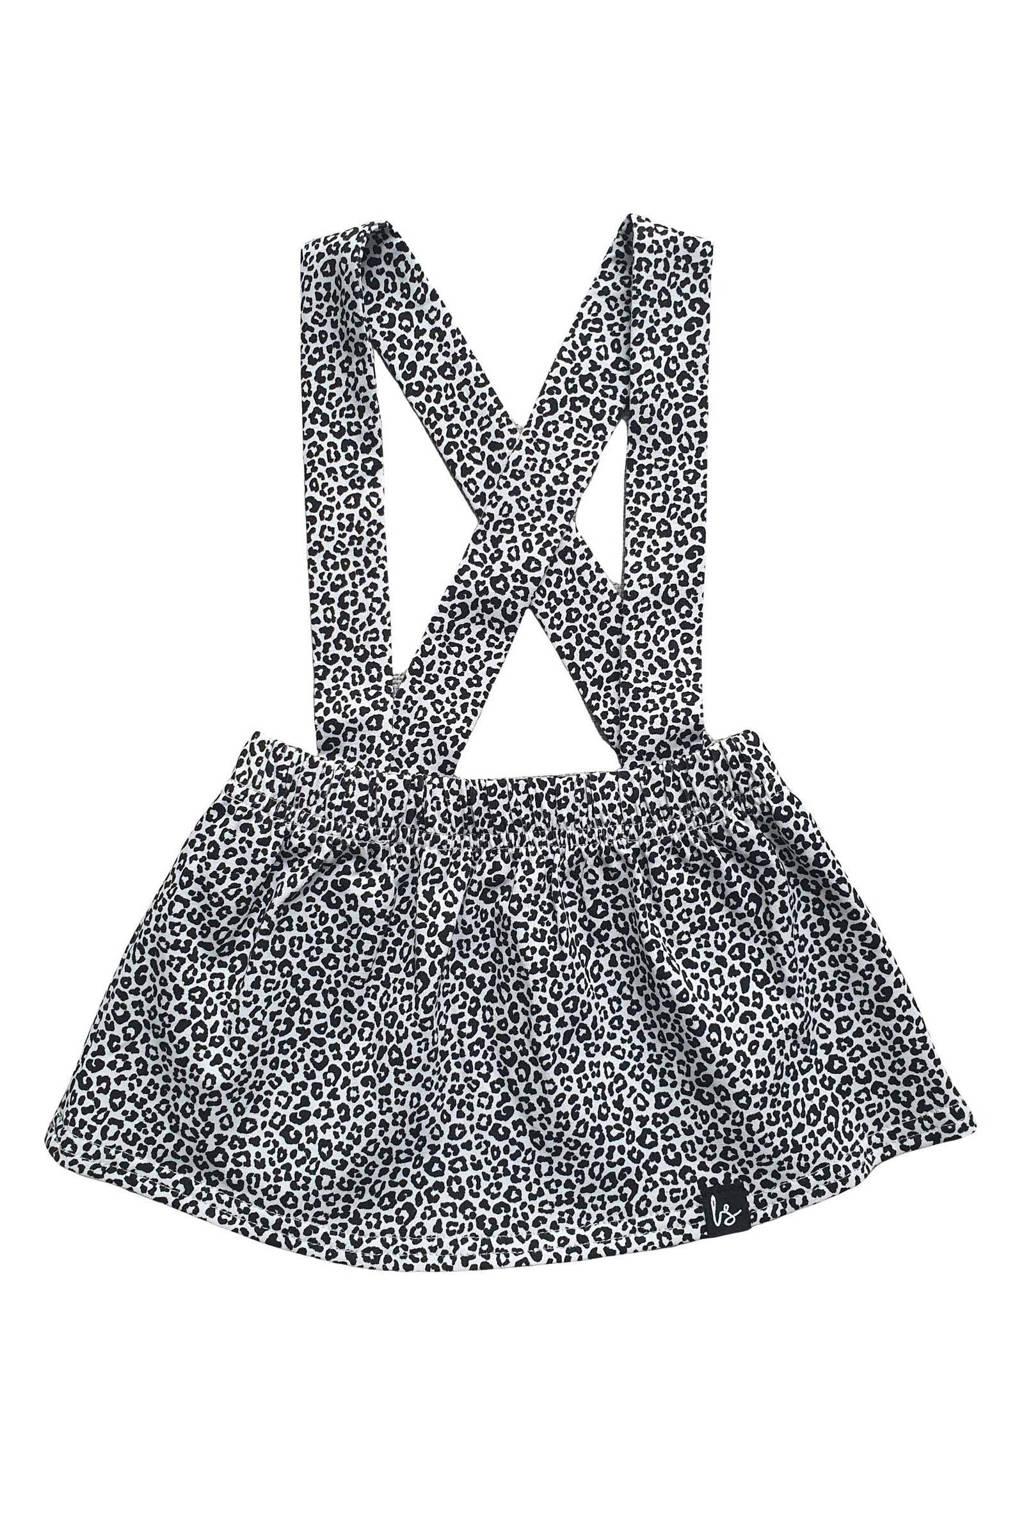 Babystyling rok met dierenprint zwart/wit, Zwart/wit